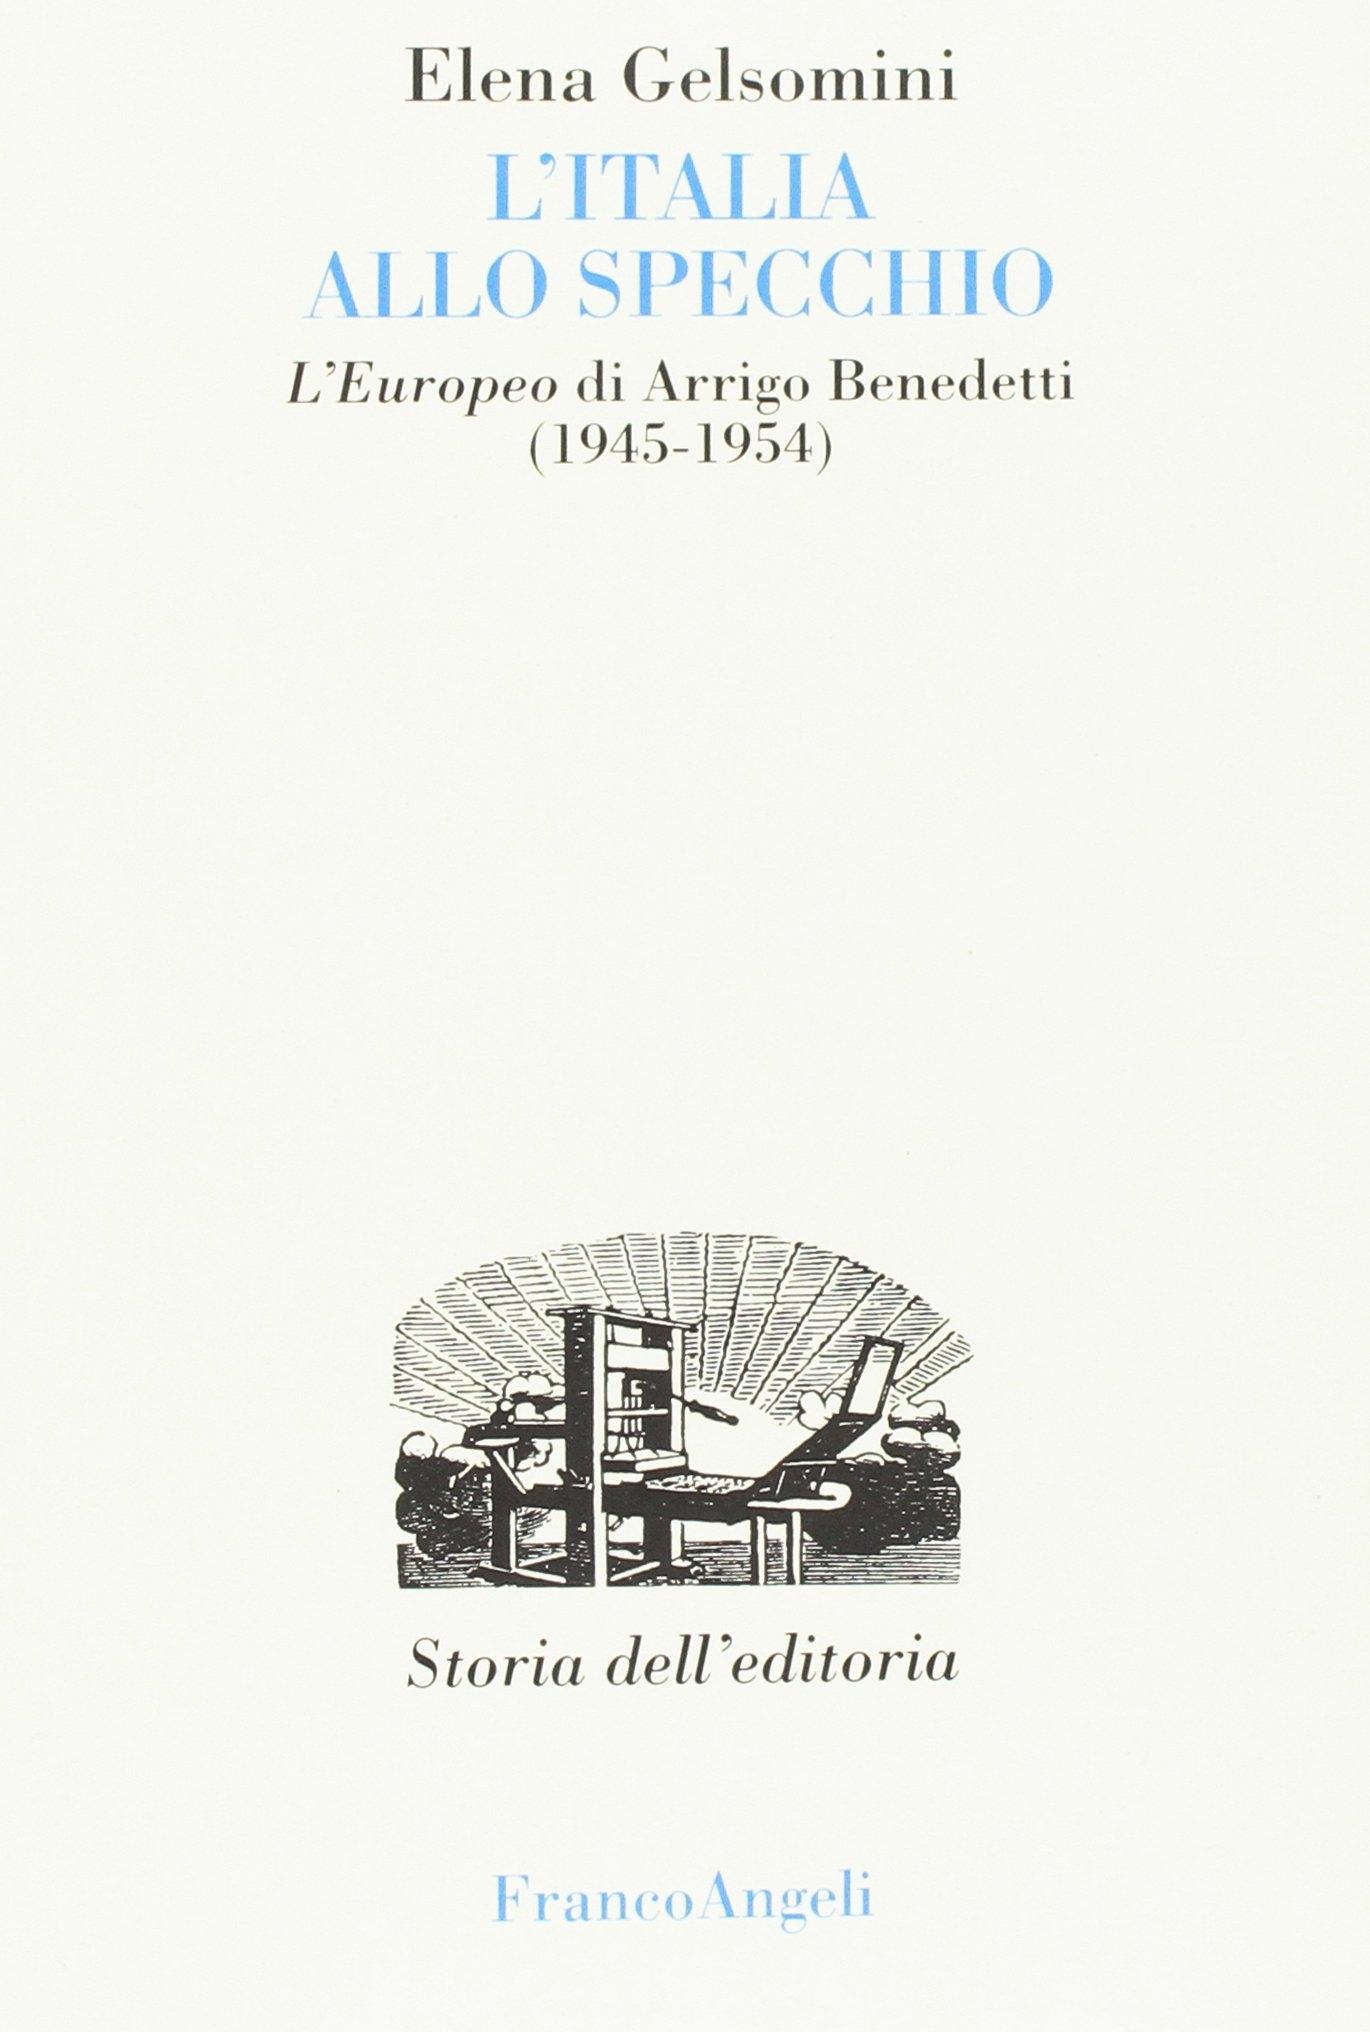 L'Italia allo specchio. L'Europeo di Arrigo Benedetti (1945-1954).